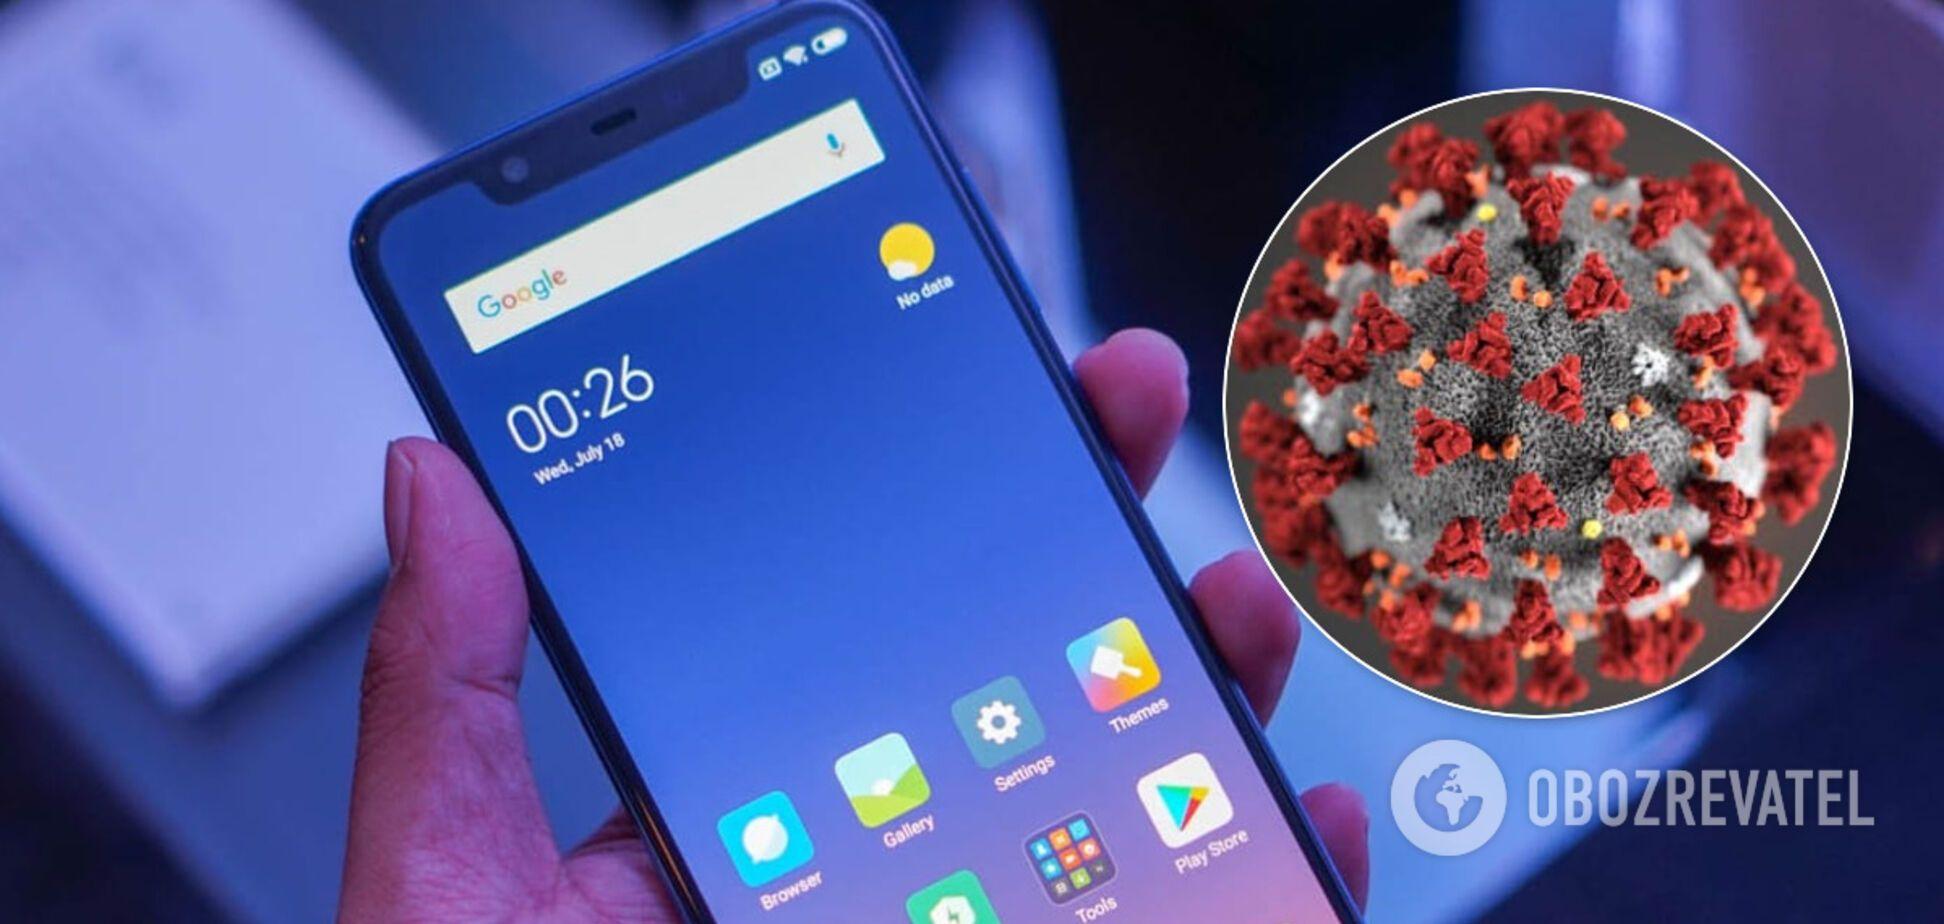 Як краще очистити смартфон: поради щодо безпечної дезінфекції